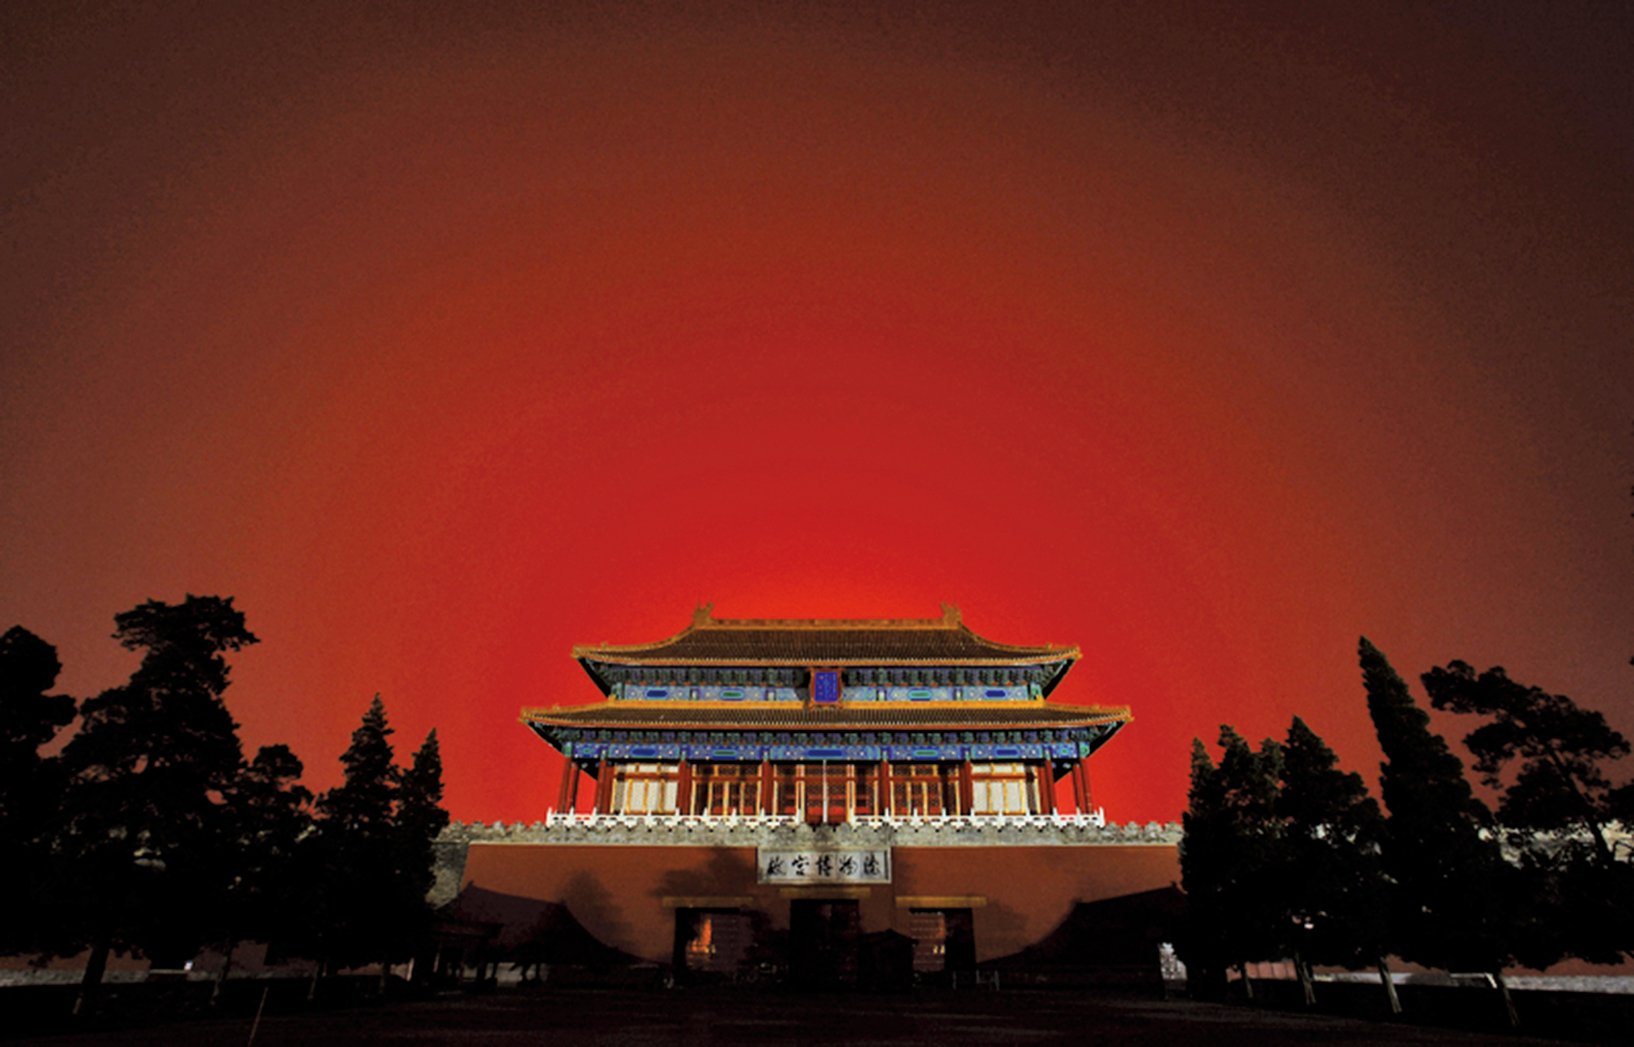 美國、台灣將於11月舉行選舉,對中共干預嚴加防範。(Getty Images)